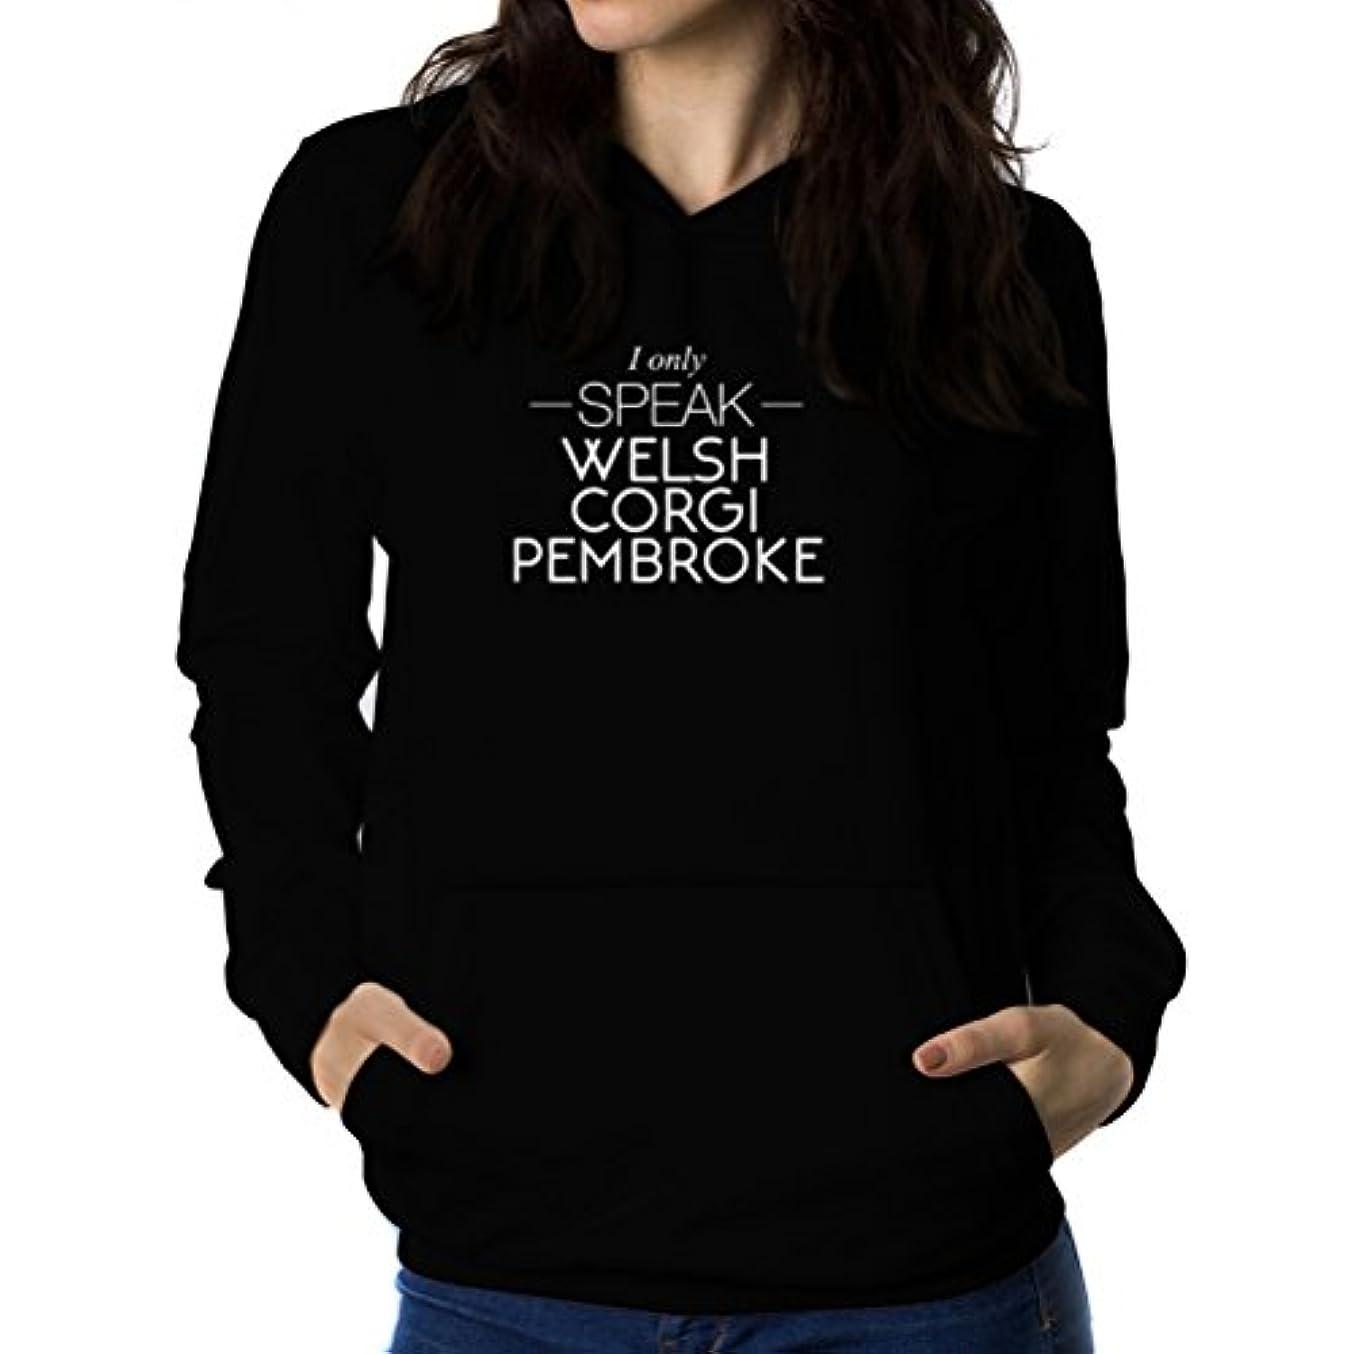 ドライブコンバーチブル文明化するI only speak Welsh Corgi Pembroke 女性 フーディー